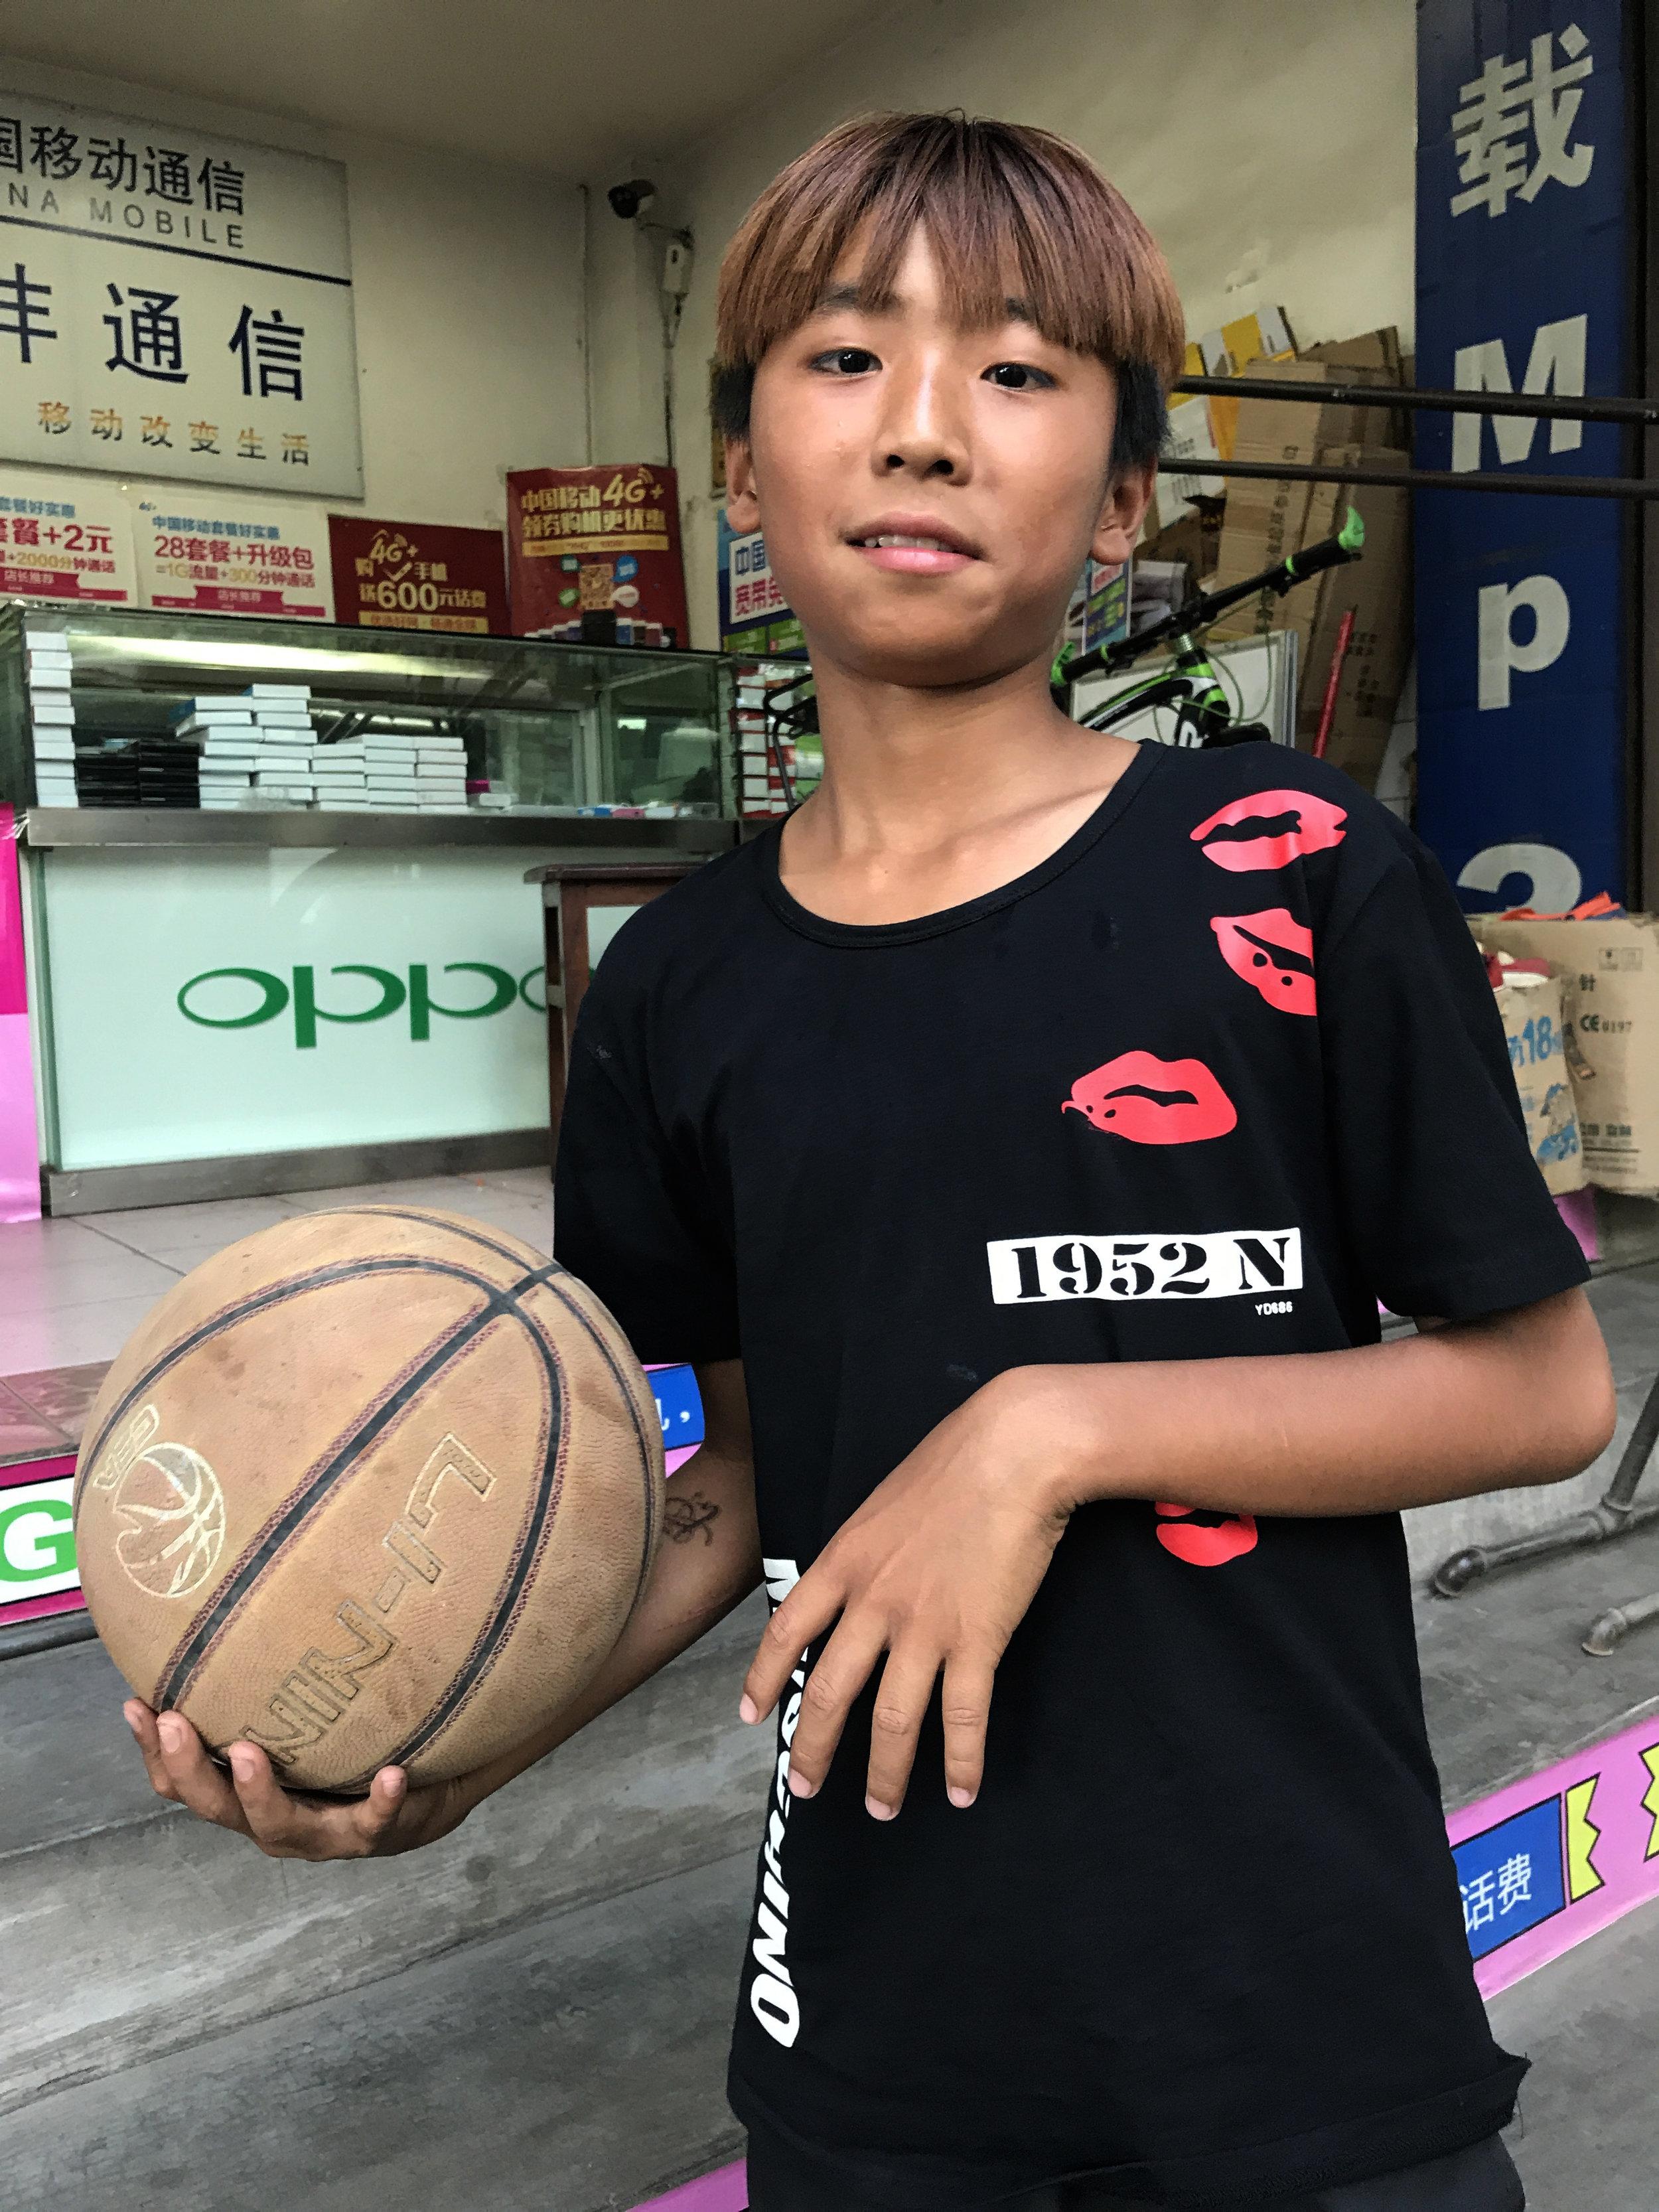 Boy from Honghe.